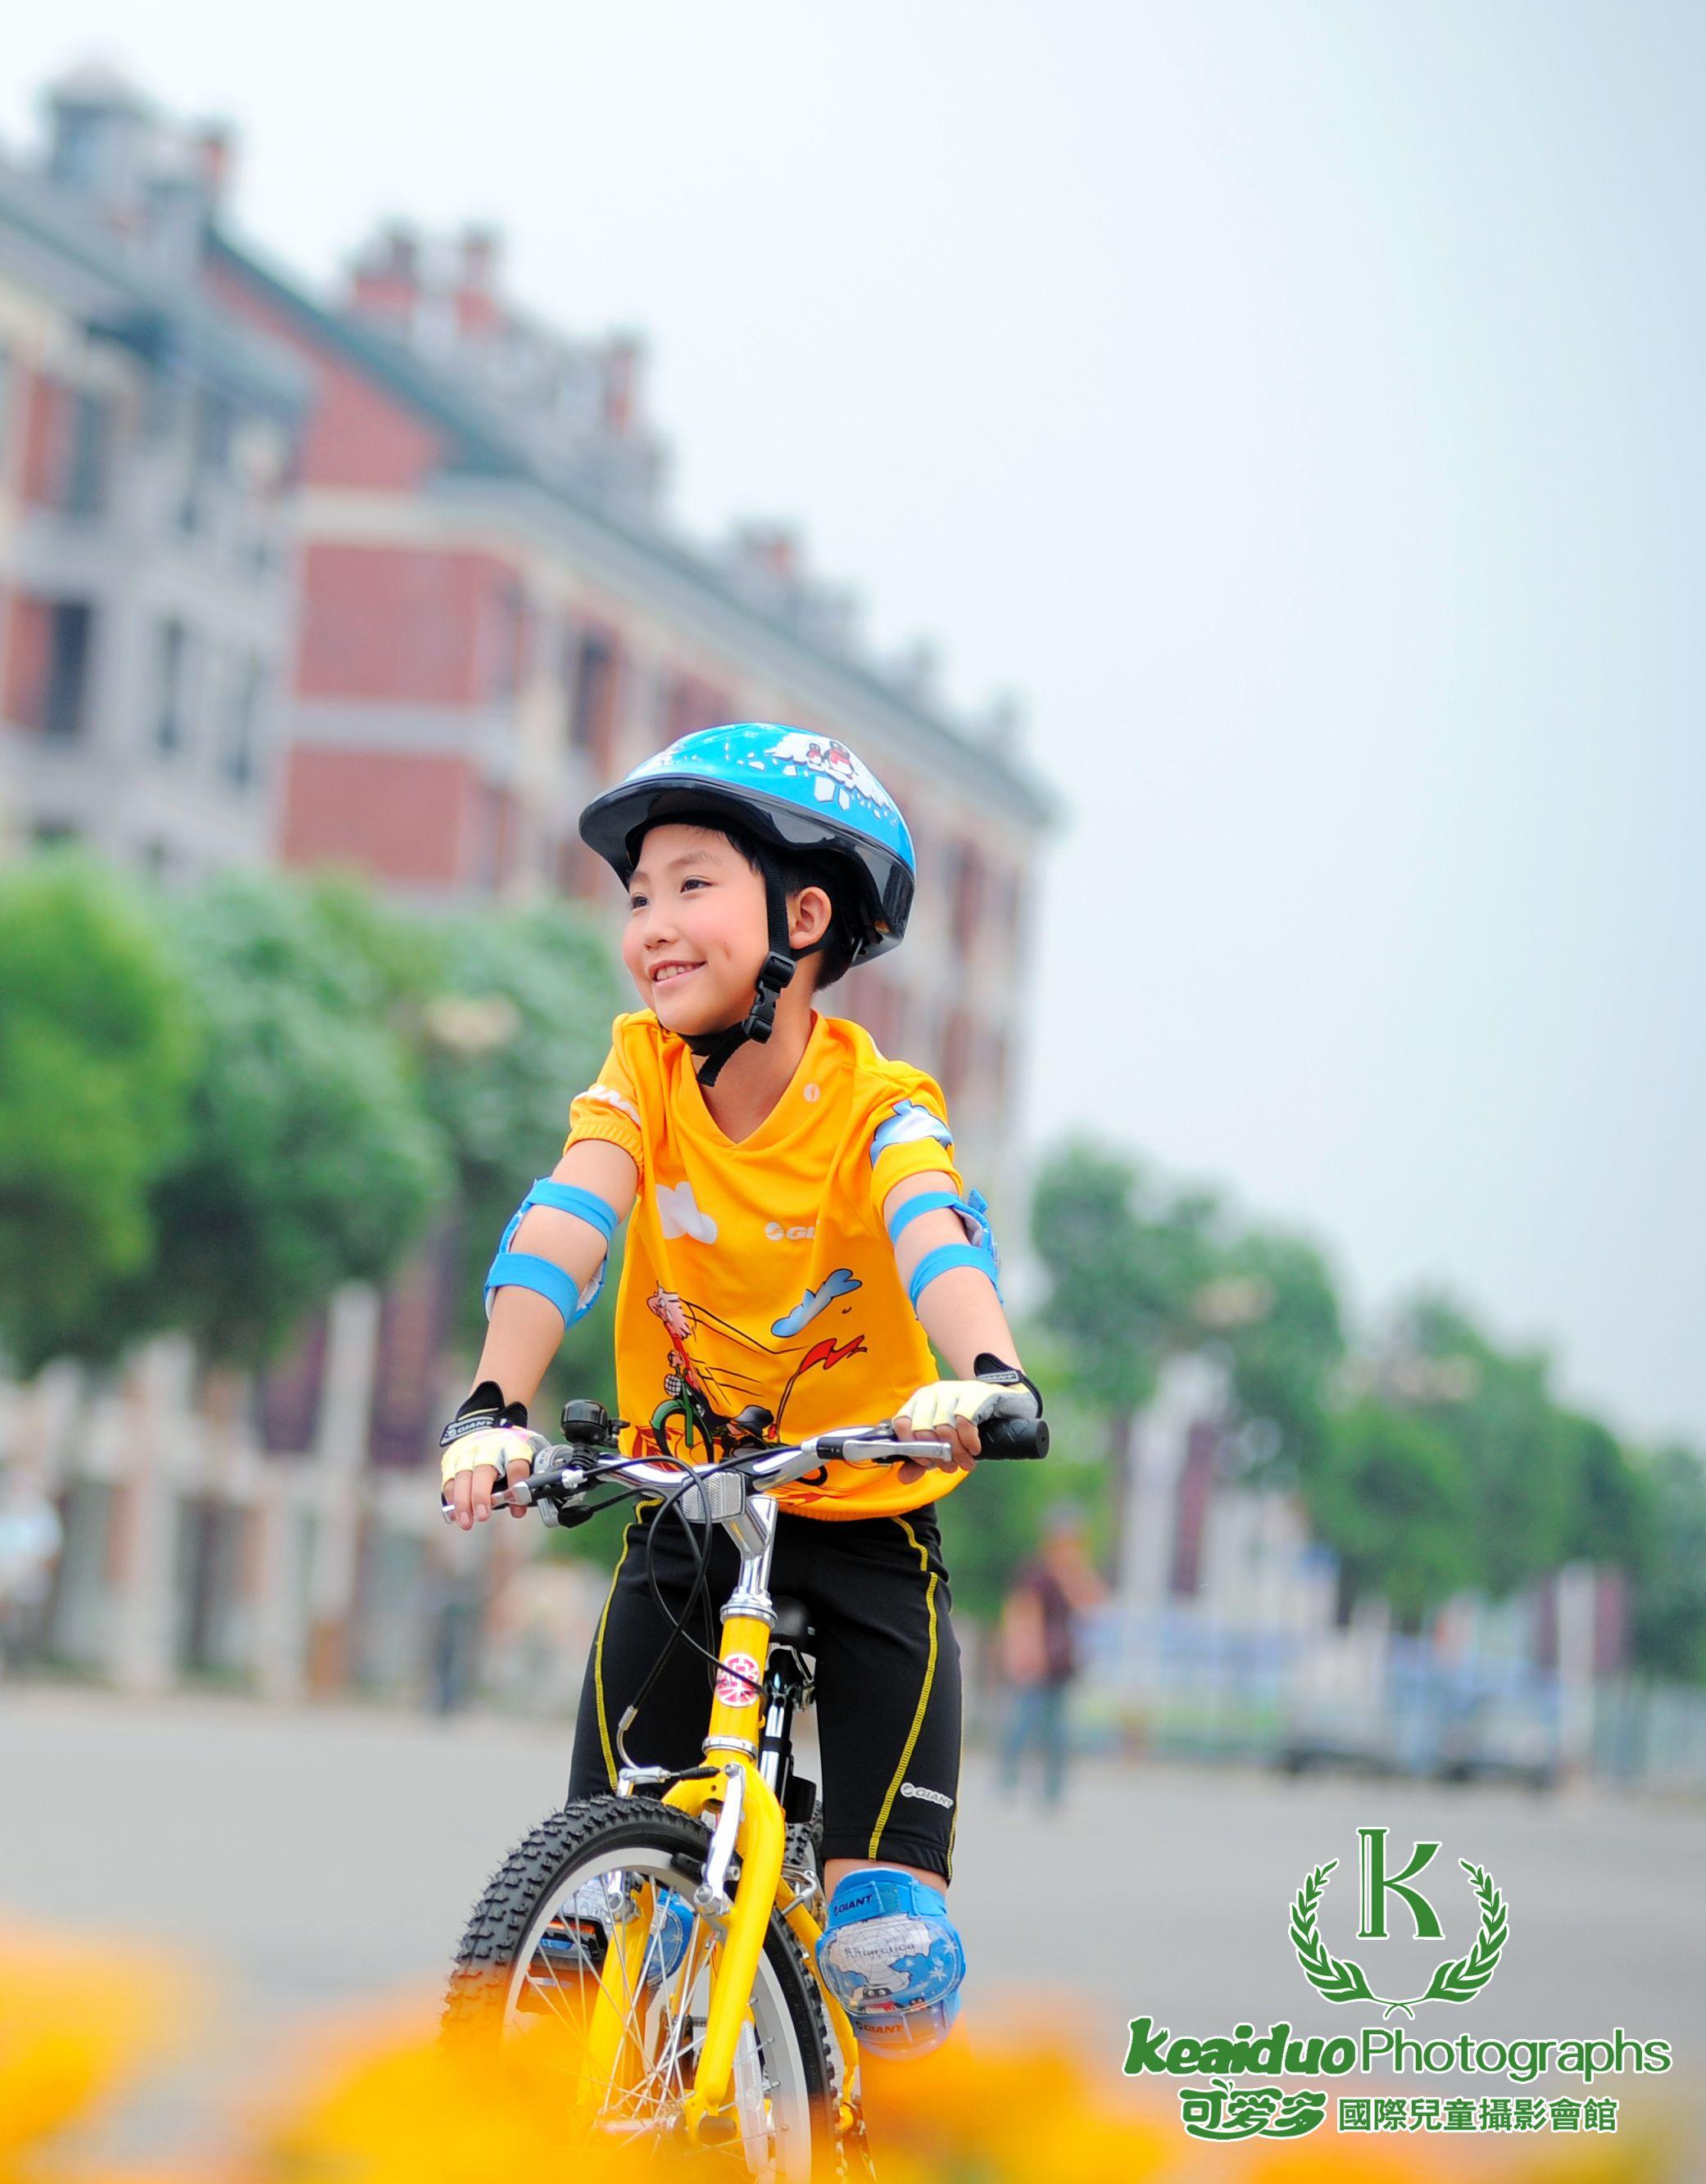 可爱多国际儿童摄影邛崃玉带香榭(泽民中学对面一楼)报名电话